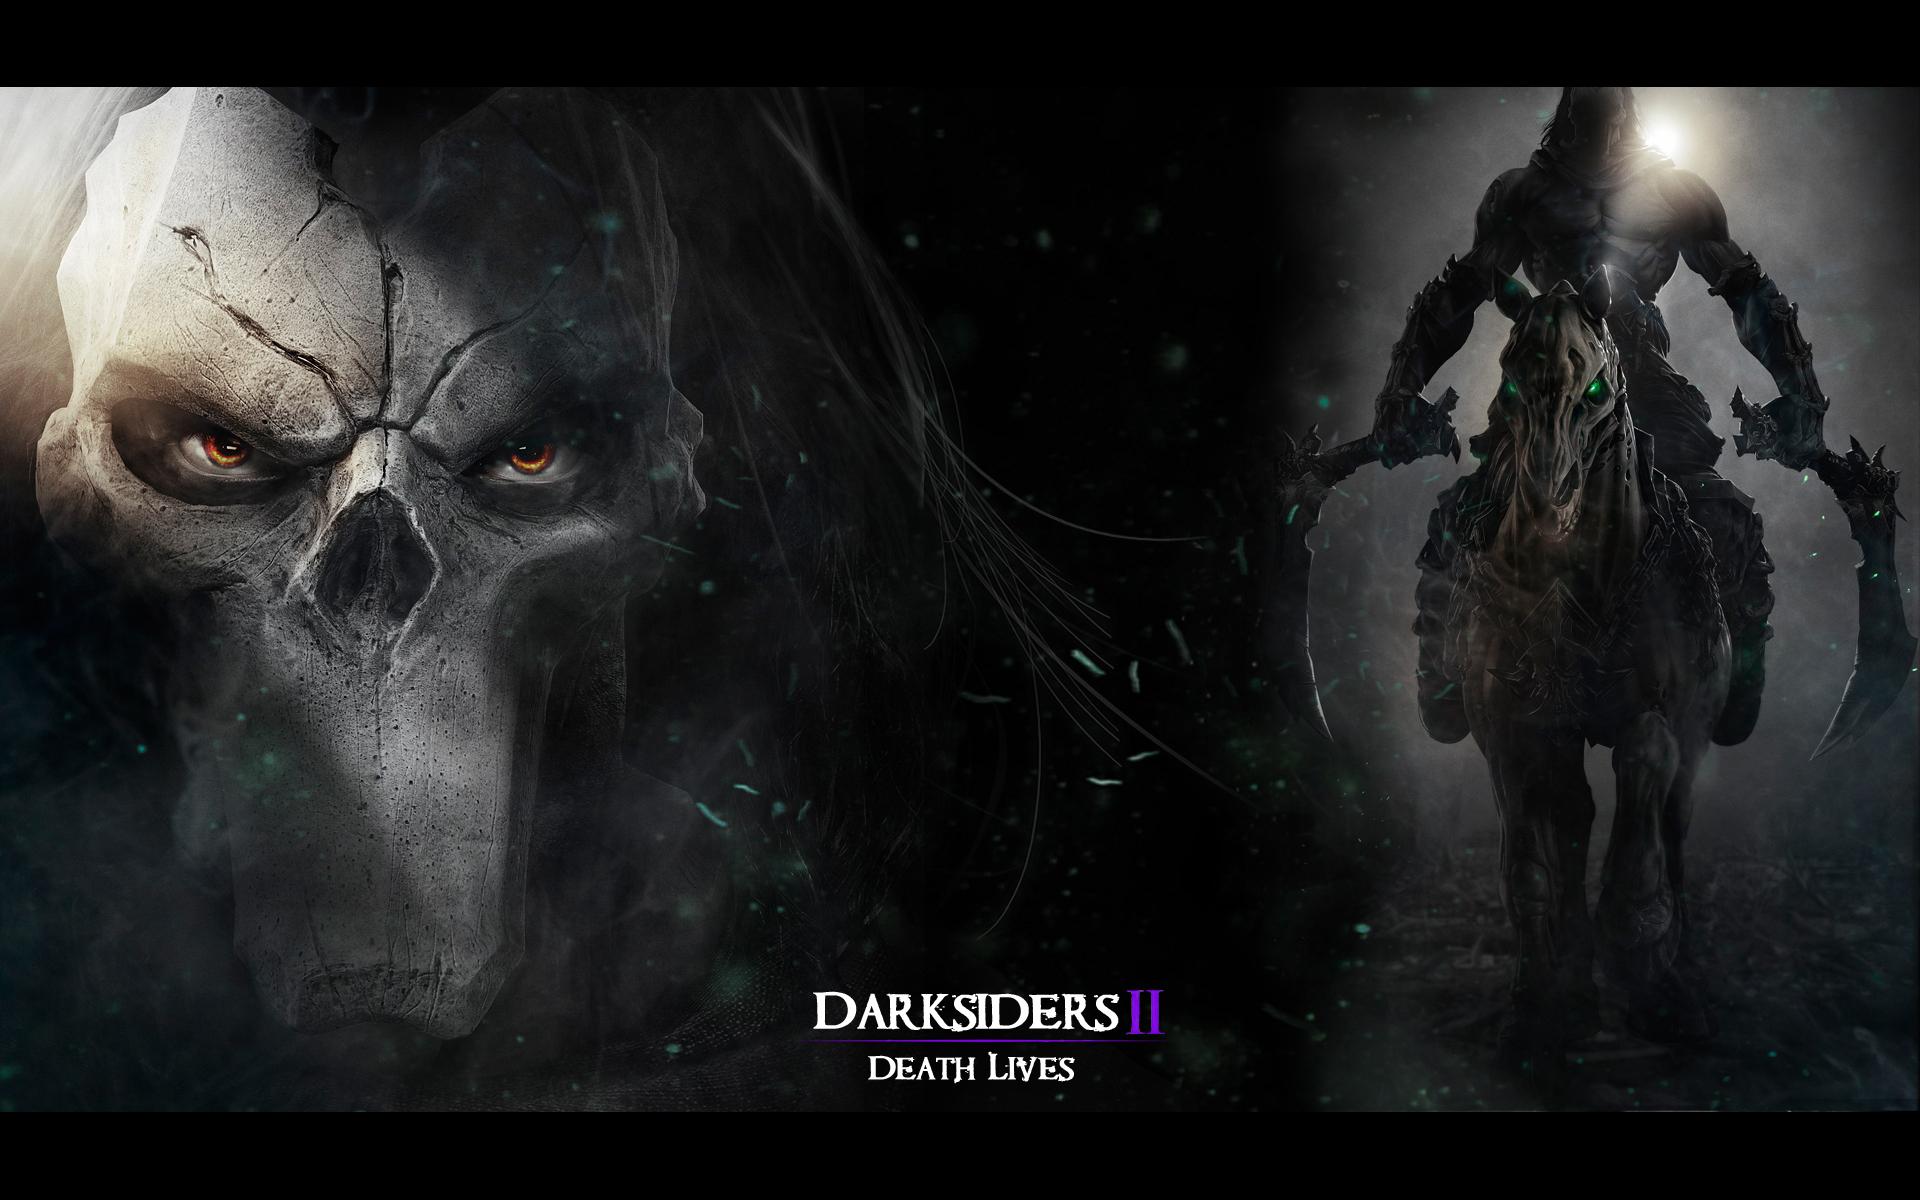 Fondos de pantalla 1920x1200 darksiders darksiders ii no muerto guerrero juegos descargar imagenes - Descargar darksiders 2 ...